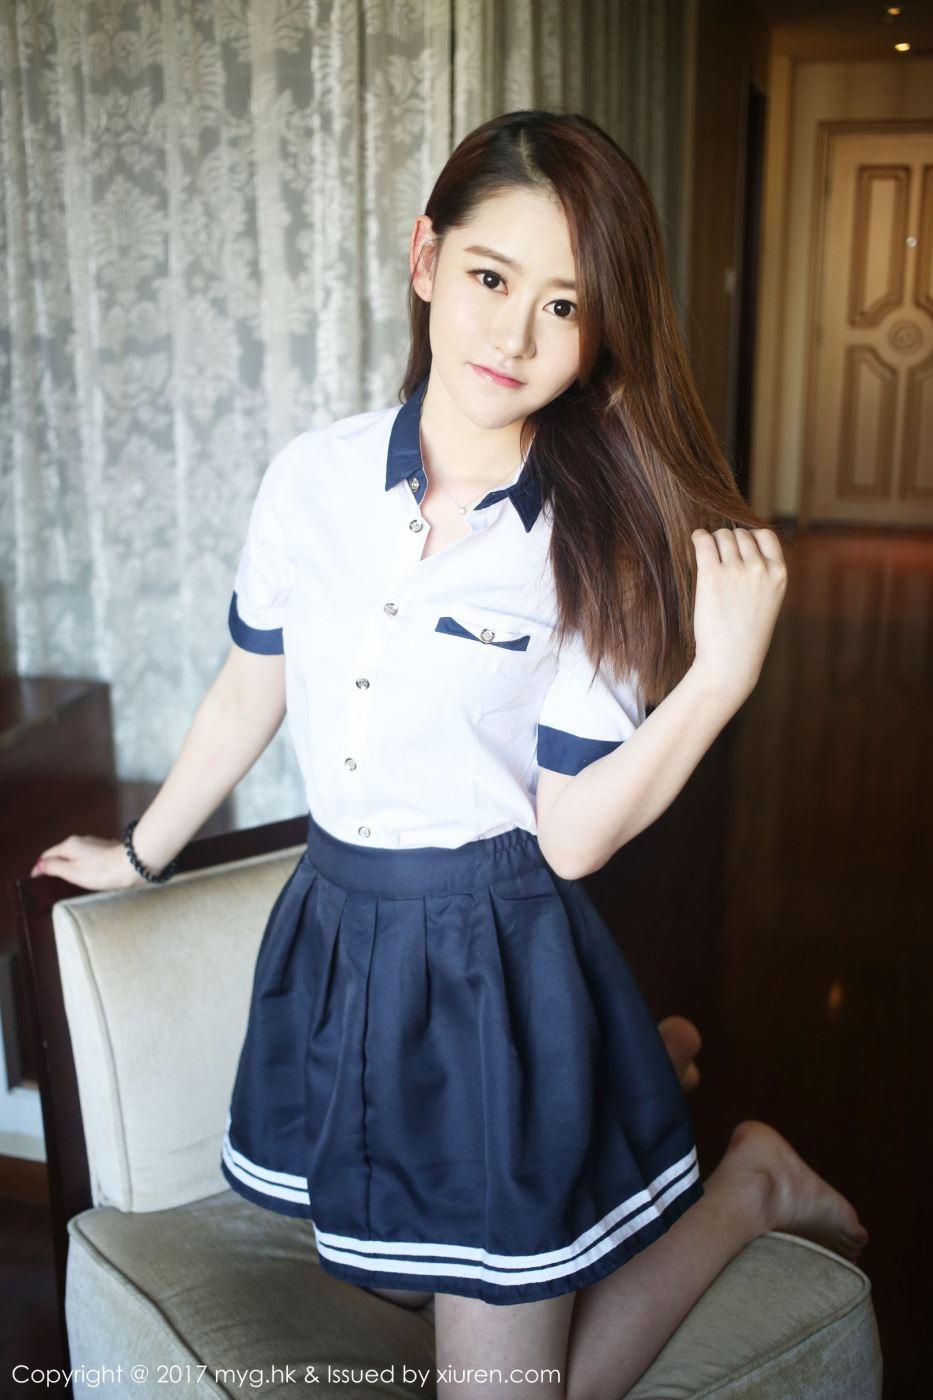 娇小可爱清纯萌妹子艾然Airan校服校花小短裙私房美女图片